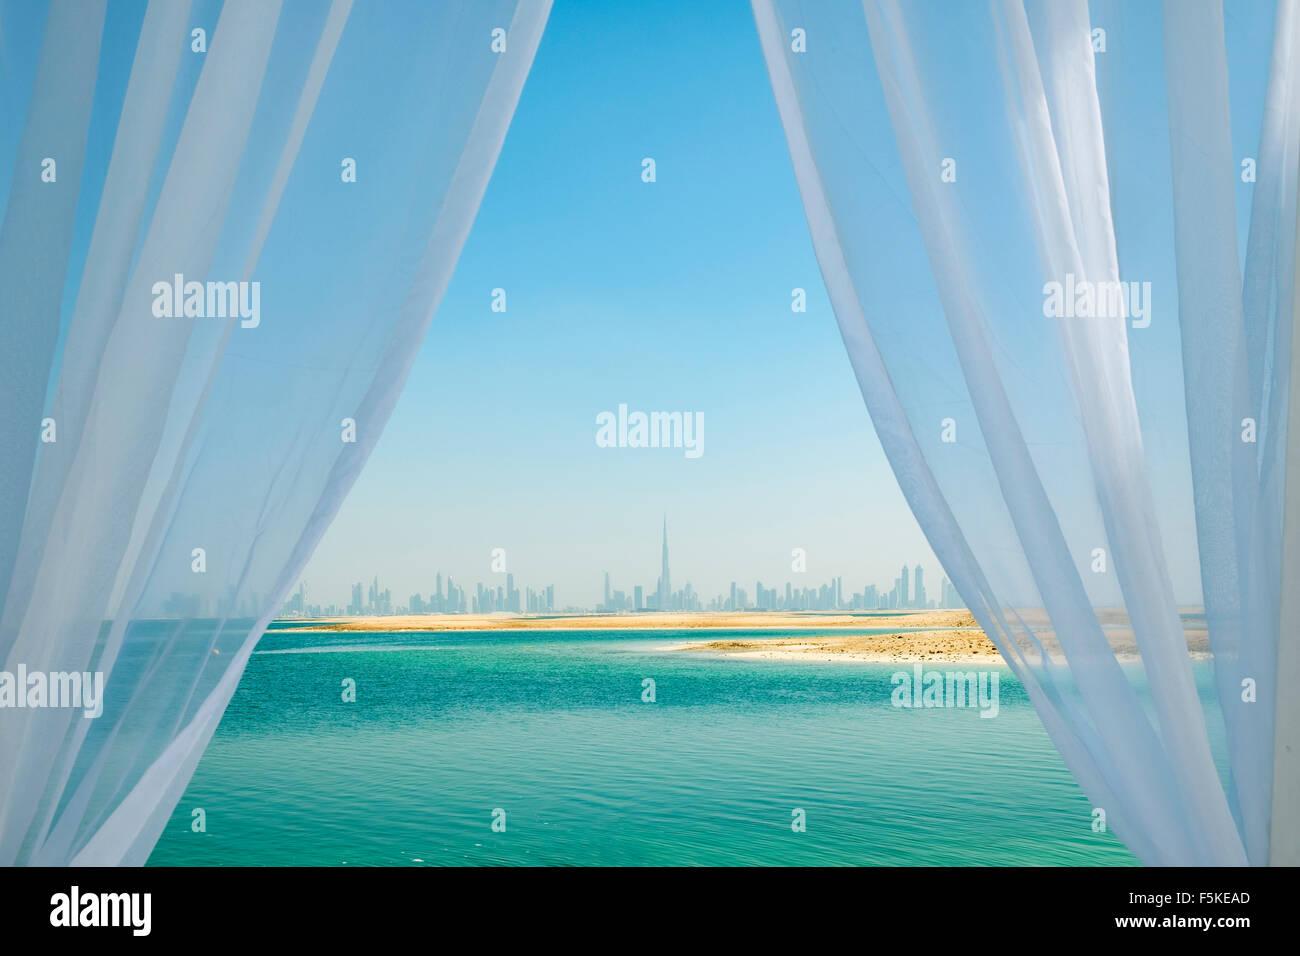 Skyline de l'île de Dubaï Liban beach resort sur l'île, un homme fait partie du monde au Photo Stock